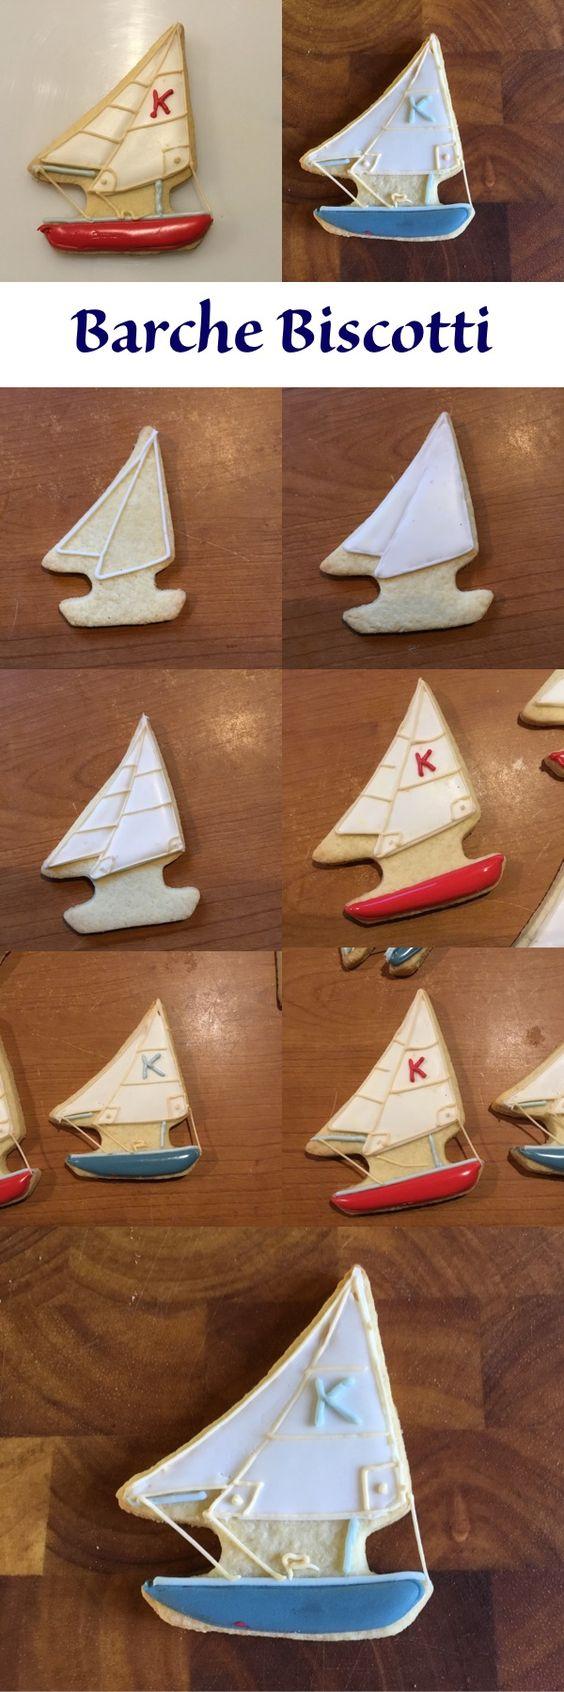 Come decorare un biscotto a forma di Barca a Vela